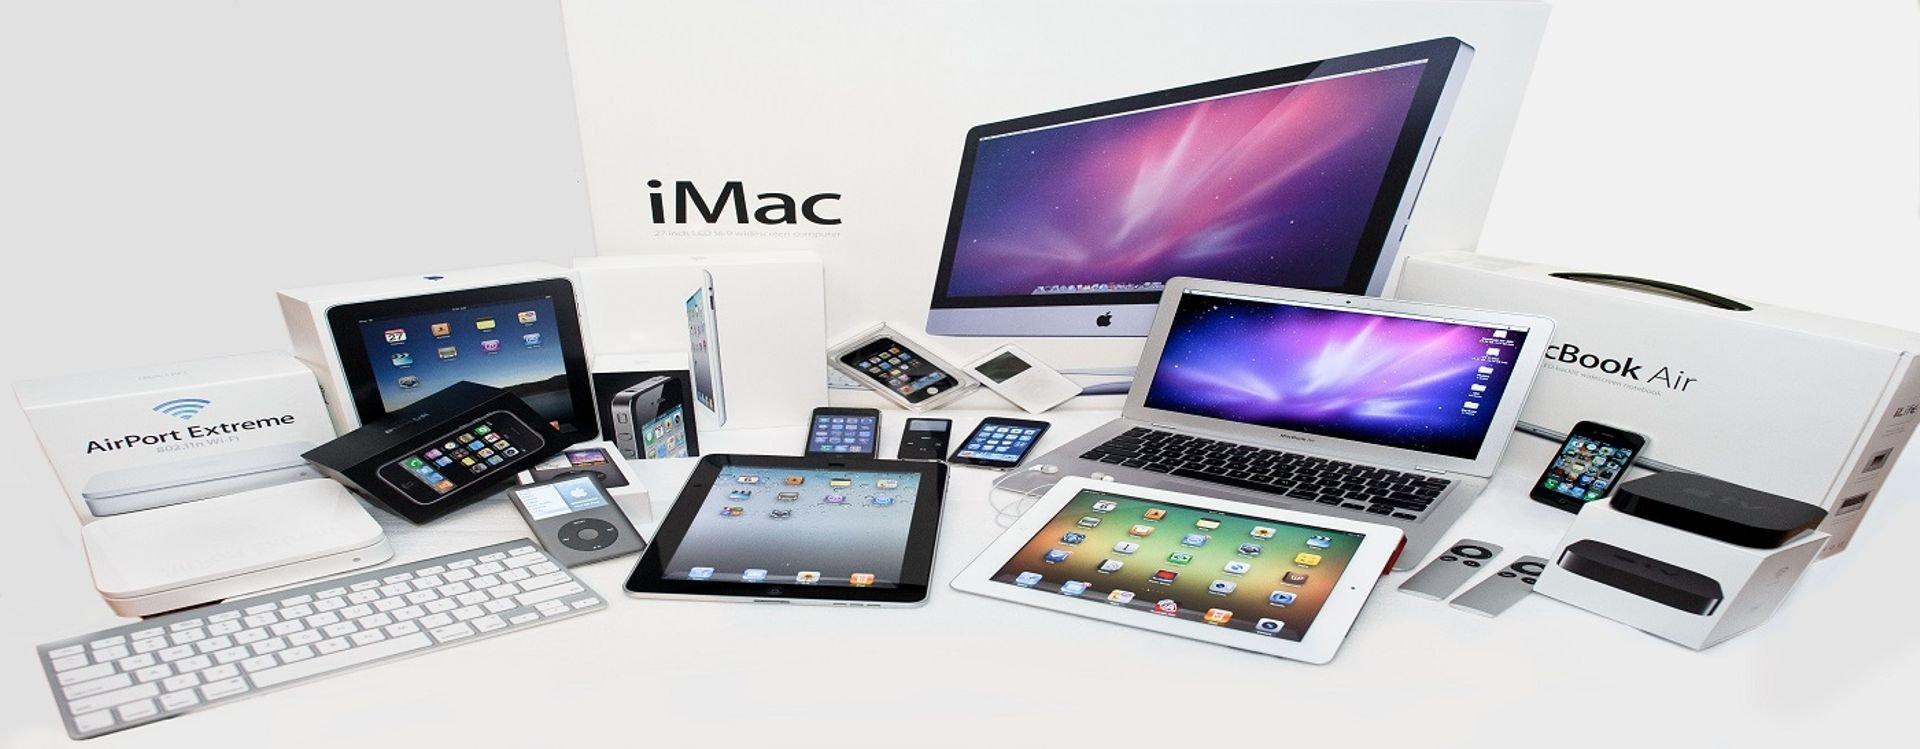 أبل هي واحدة من أكبر وأهم الشركات في العالم وتطرح كل عام هواتف ذكية وحواسيب لوحية ومحمولة ومكتبية, فما ستقدم هذا العام؟